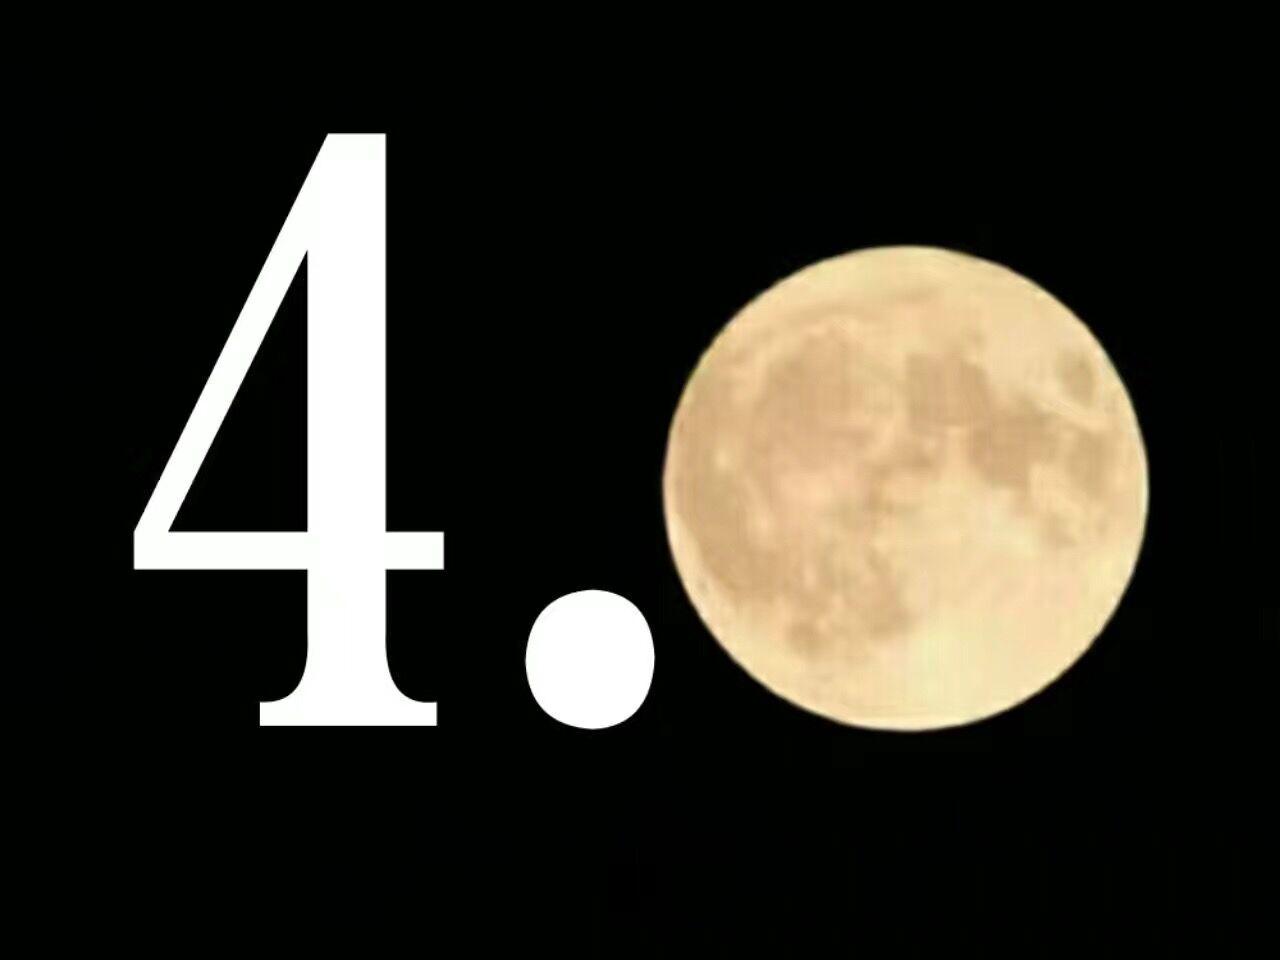 """朋友圈""""超级月亮""""刷屏 创意拍法知多少?"""